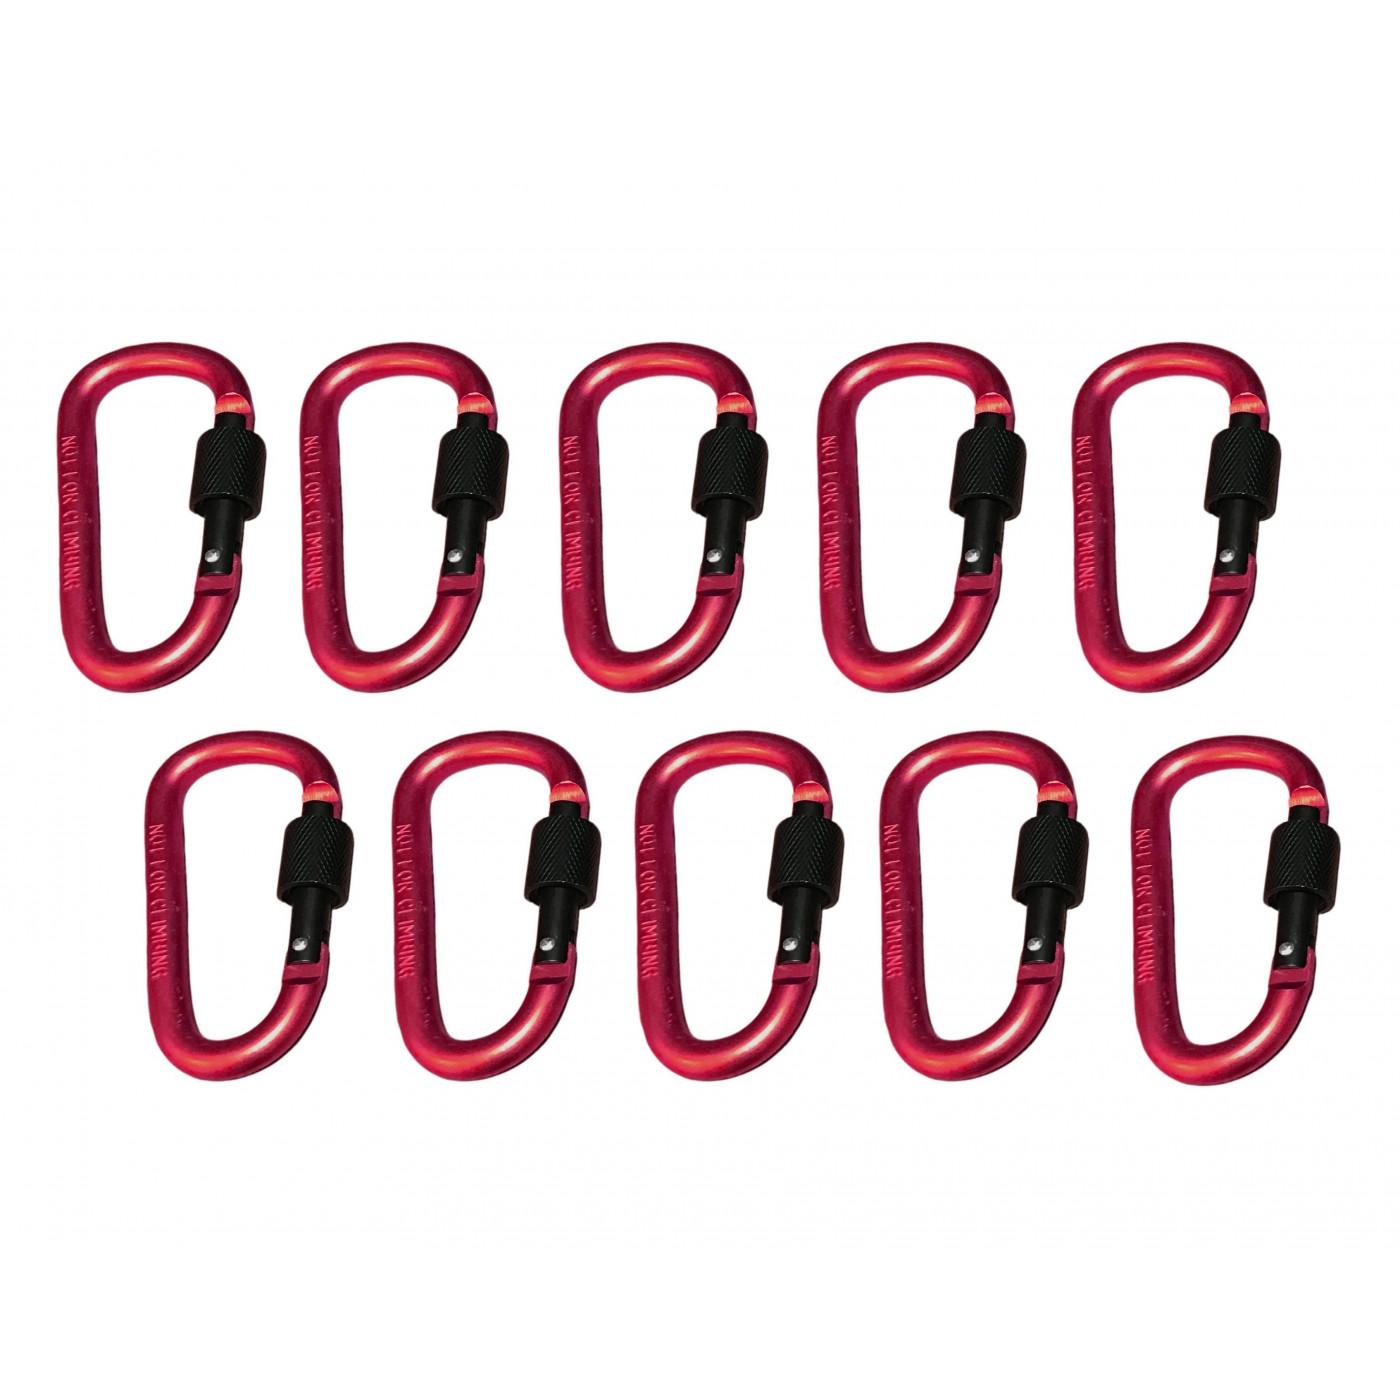 Set van 10 karabijnhaken, kleur 5: red, 100 kg